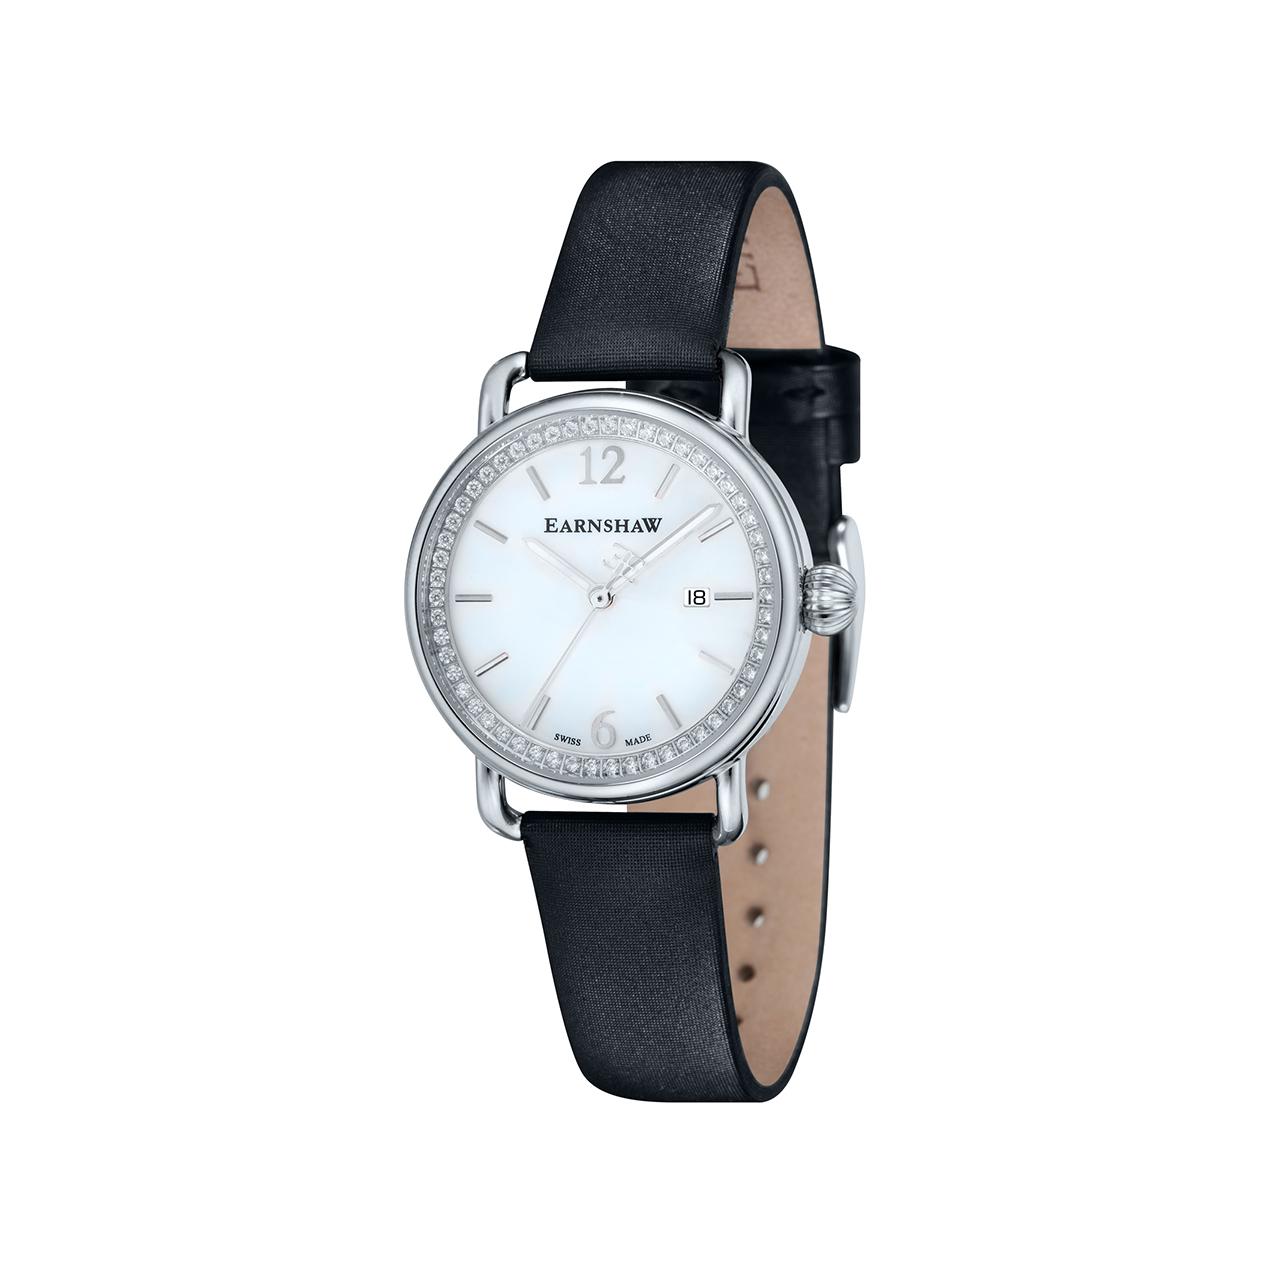 خرید ساعت مچی عقربه ای زنانه ارنشا مدل ES-0022-05